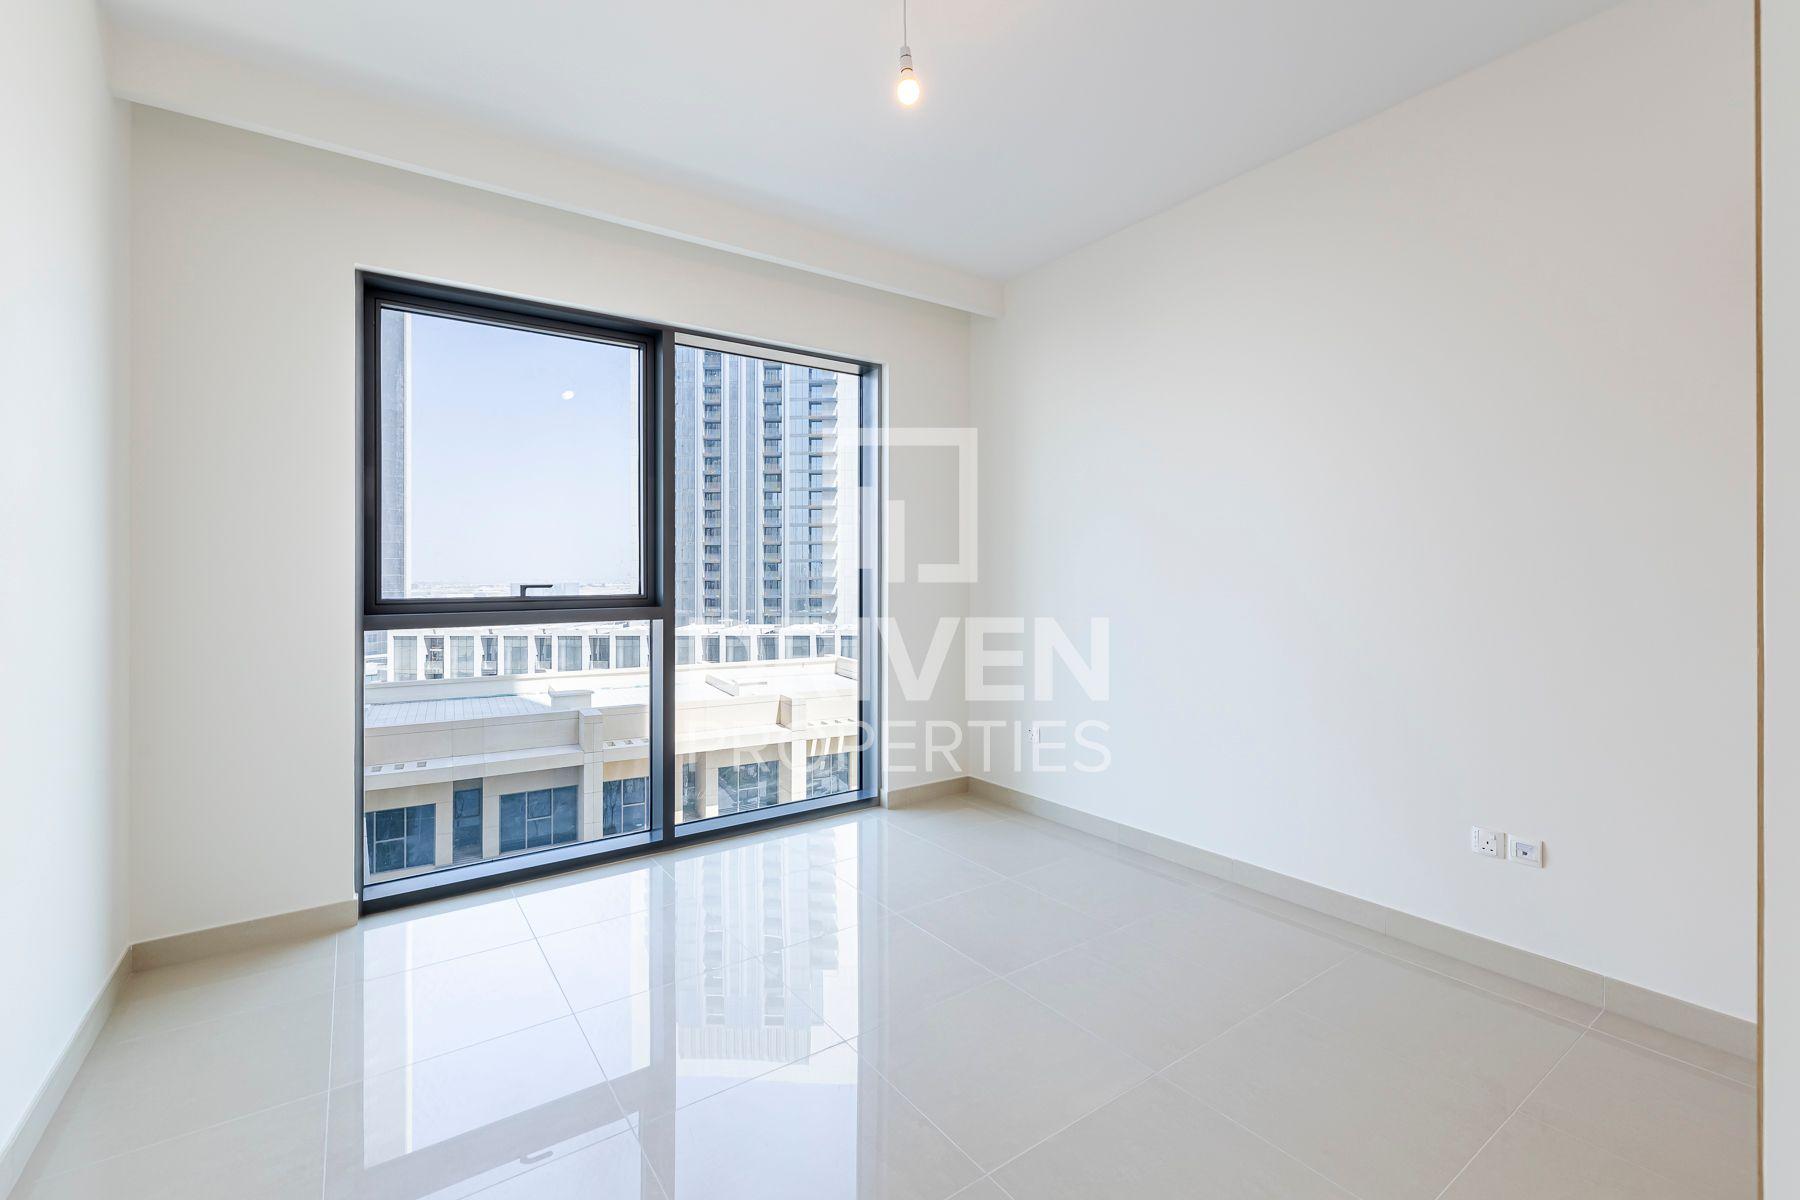 729 قدم مربع  شقة - للبيع - ميناء خور دبي